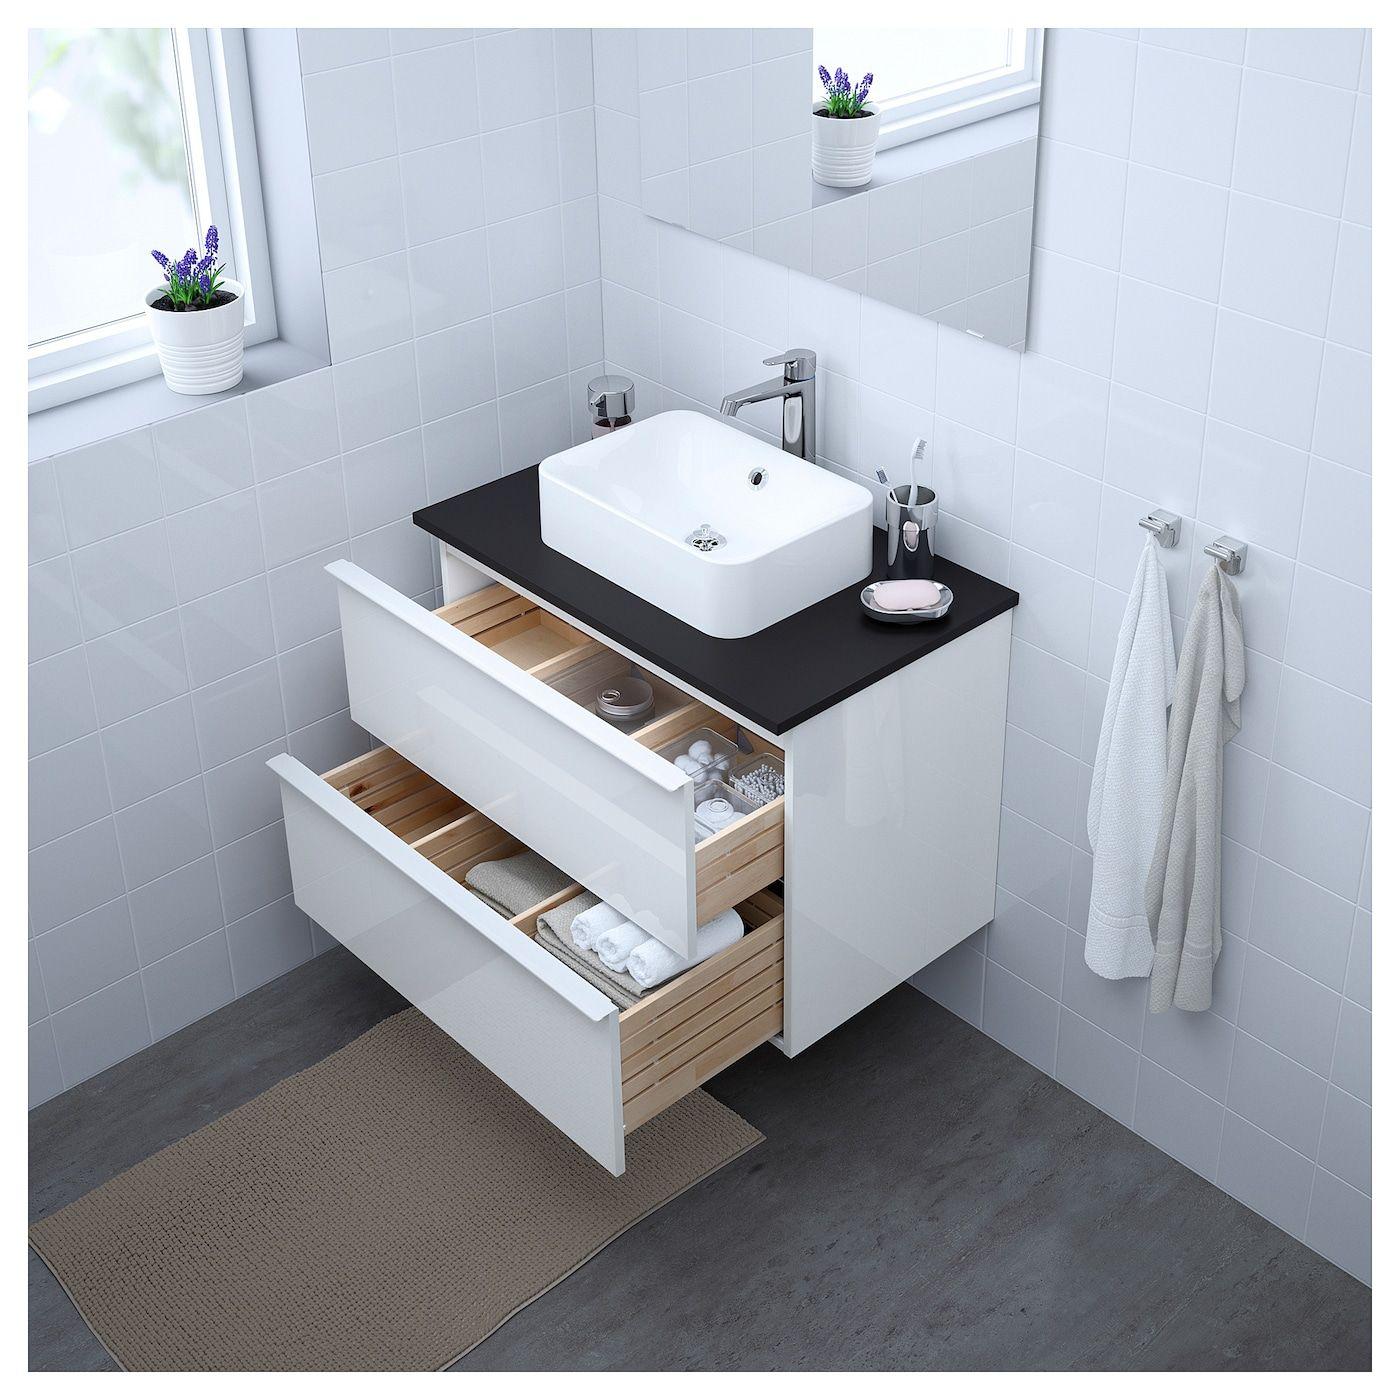 Möbel & Einrichtungsideen für dein Zuhause mit Bildern   Waschbeckenschrank, Badezimmer ...